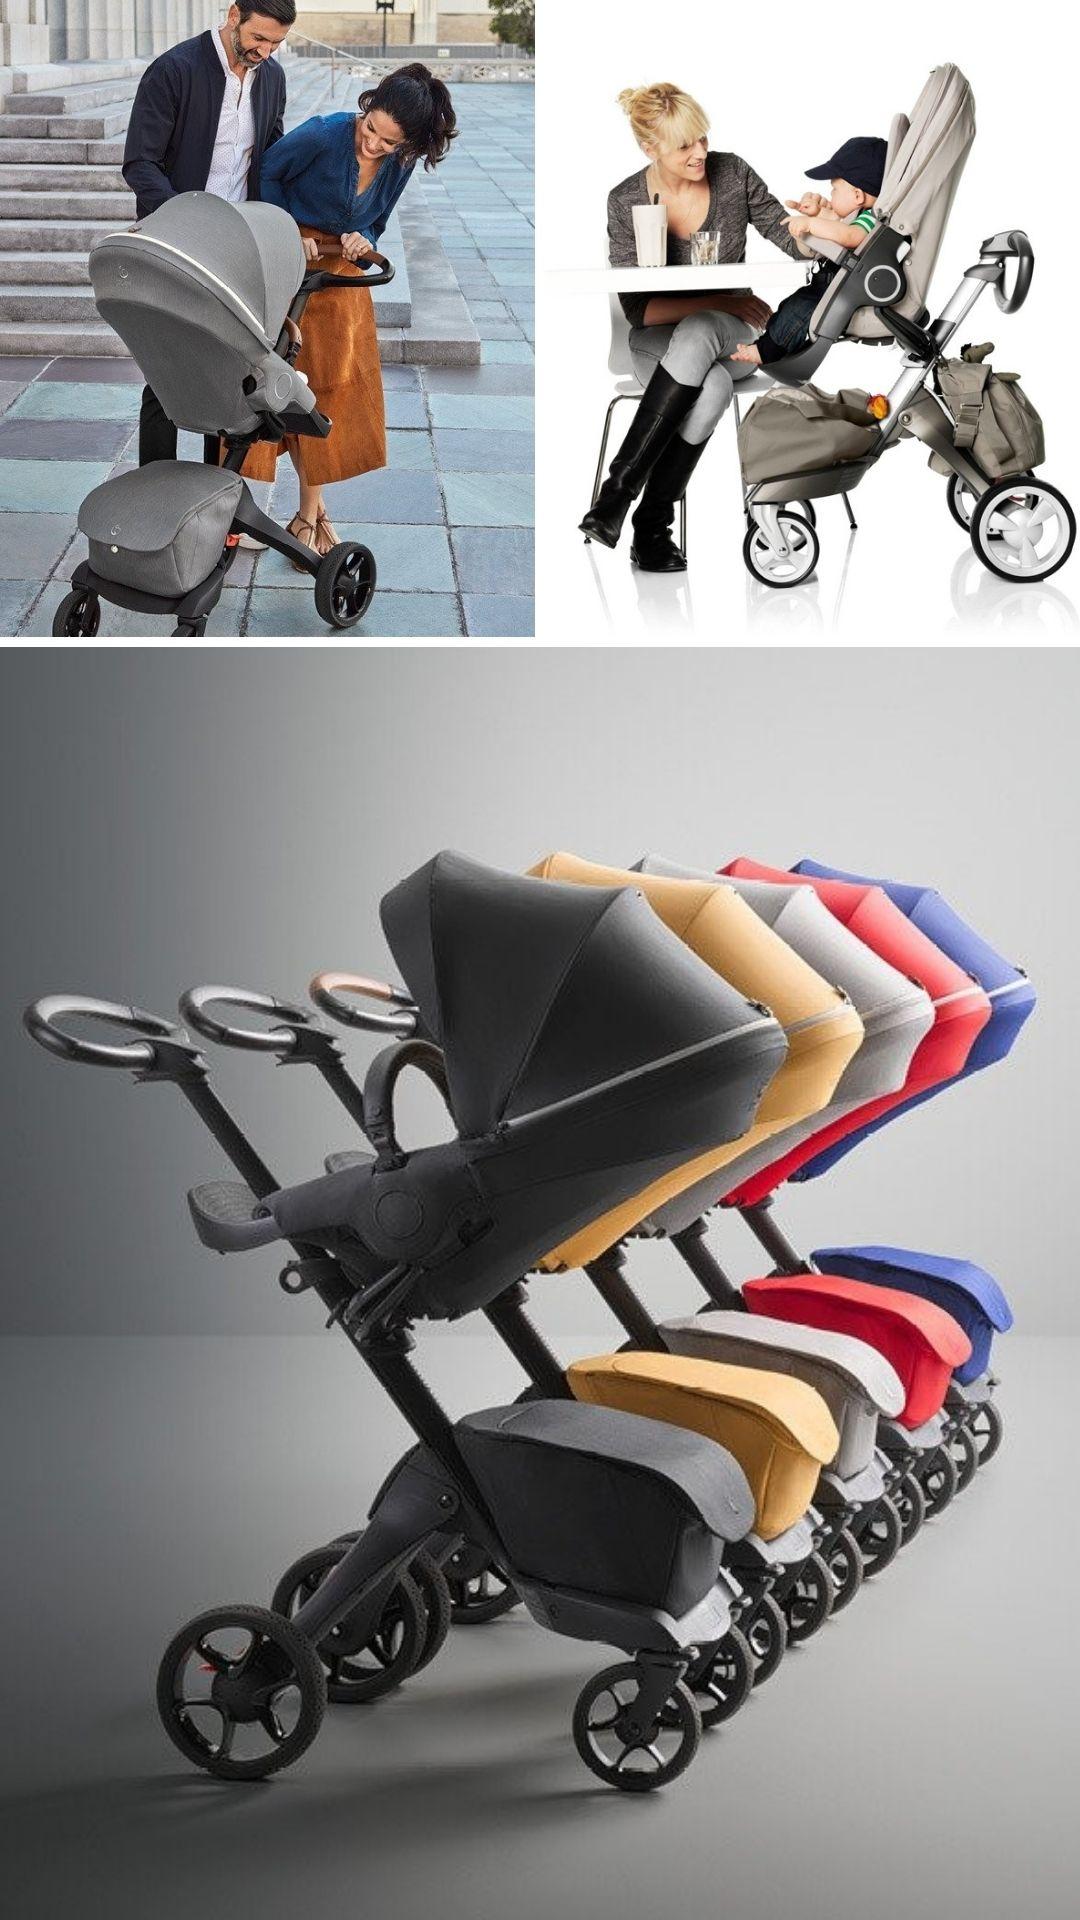 carrito bebe stokke